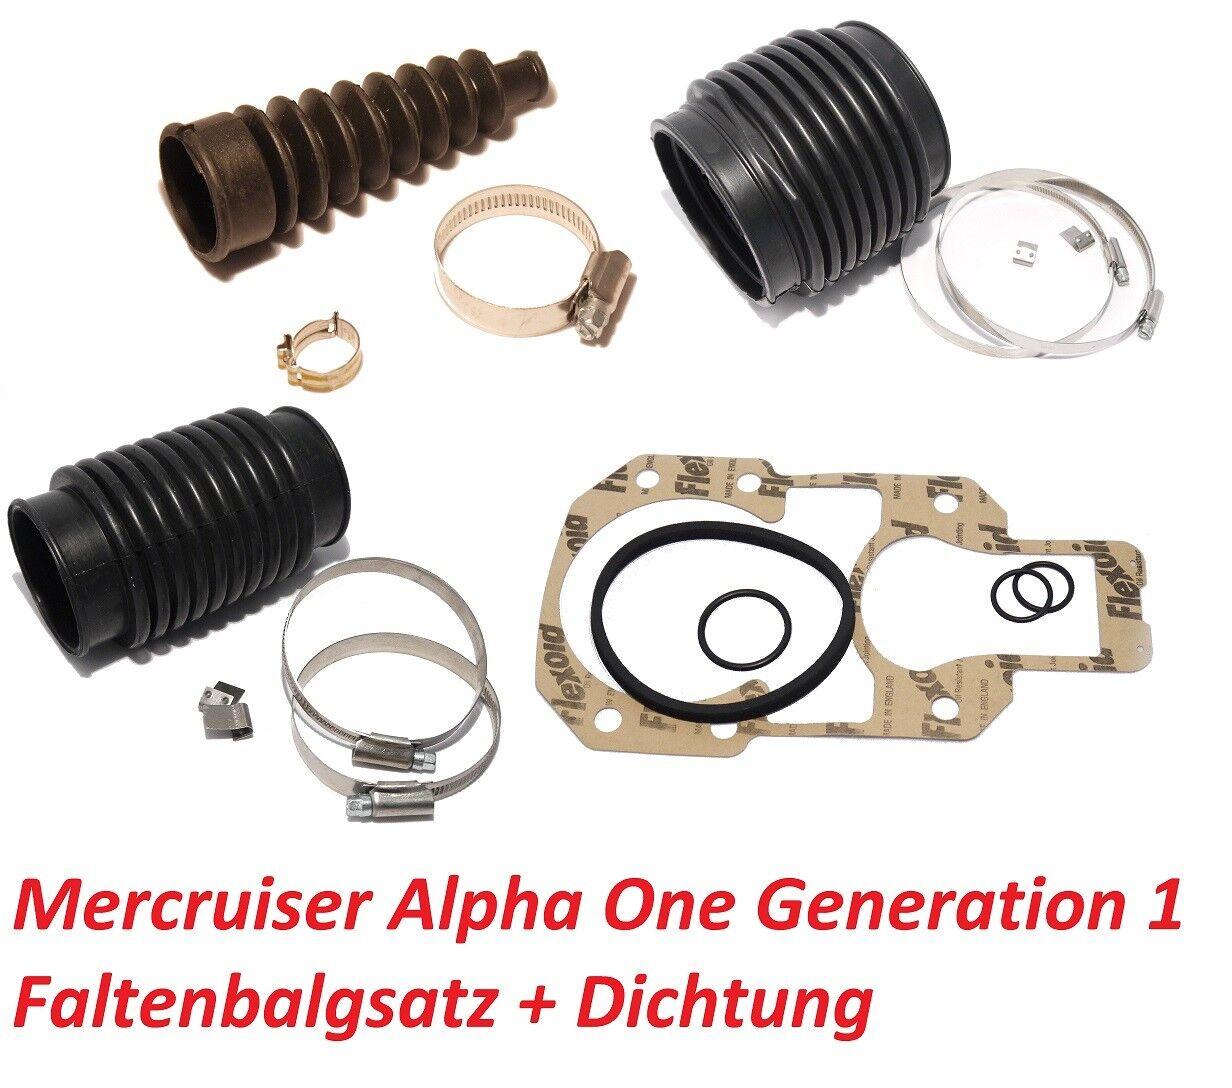 Faltenbalgsatz Mercruiser Alpha Alpha Mercruiser One inkl. Anbaudichtung Wartungs-Kit Z-Antrieb dffa28